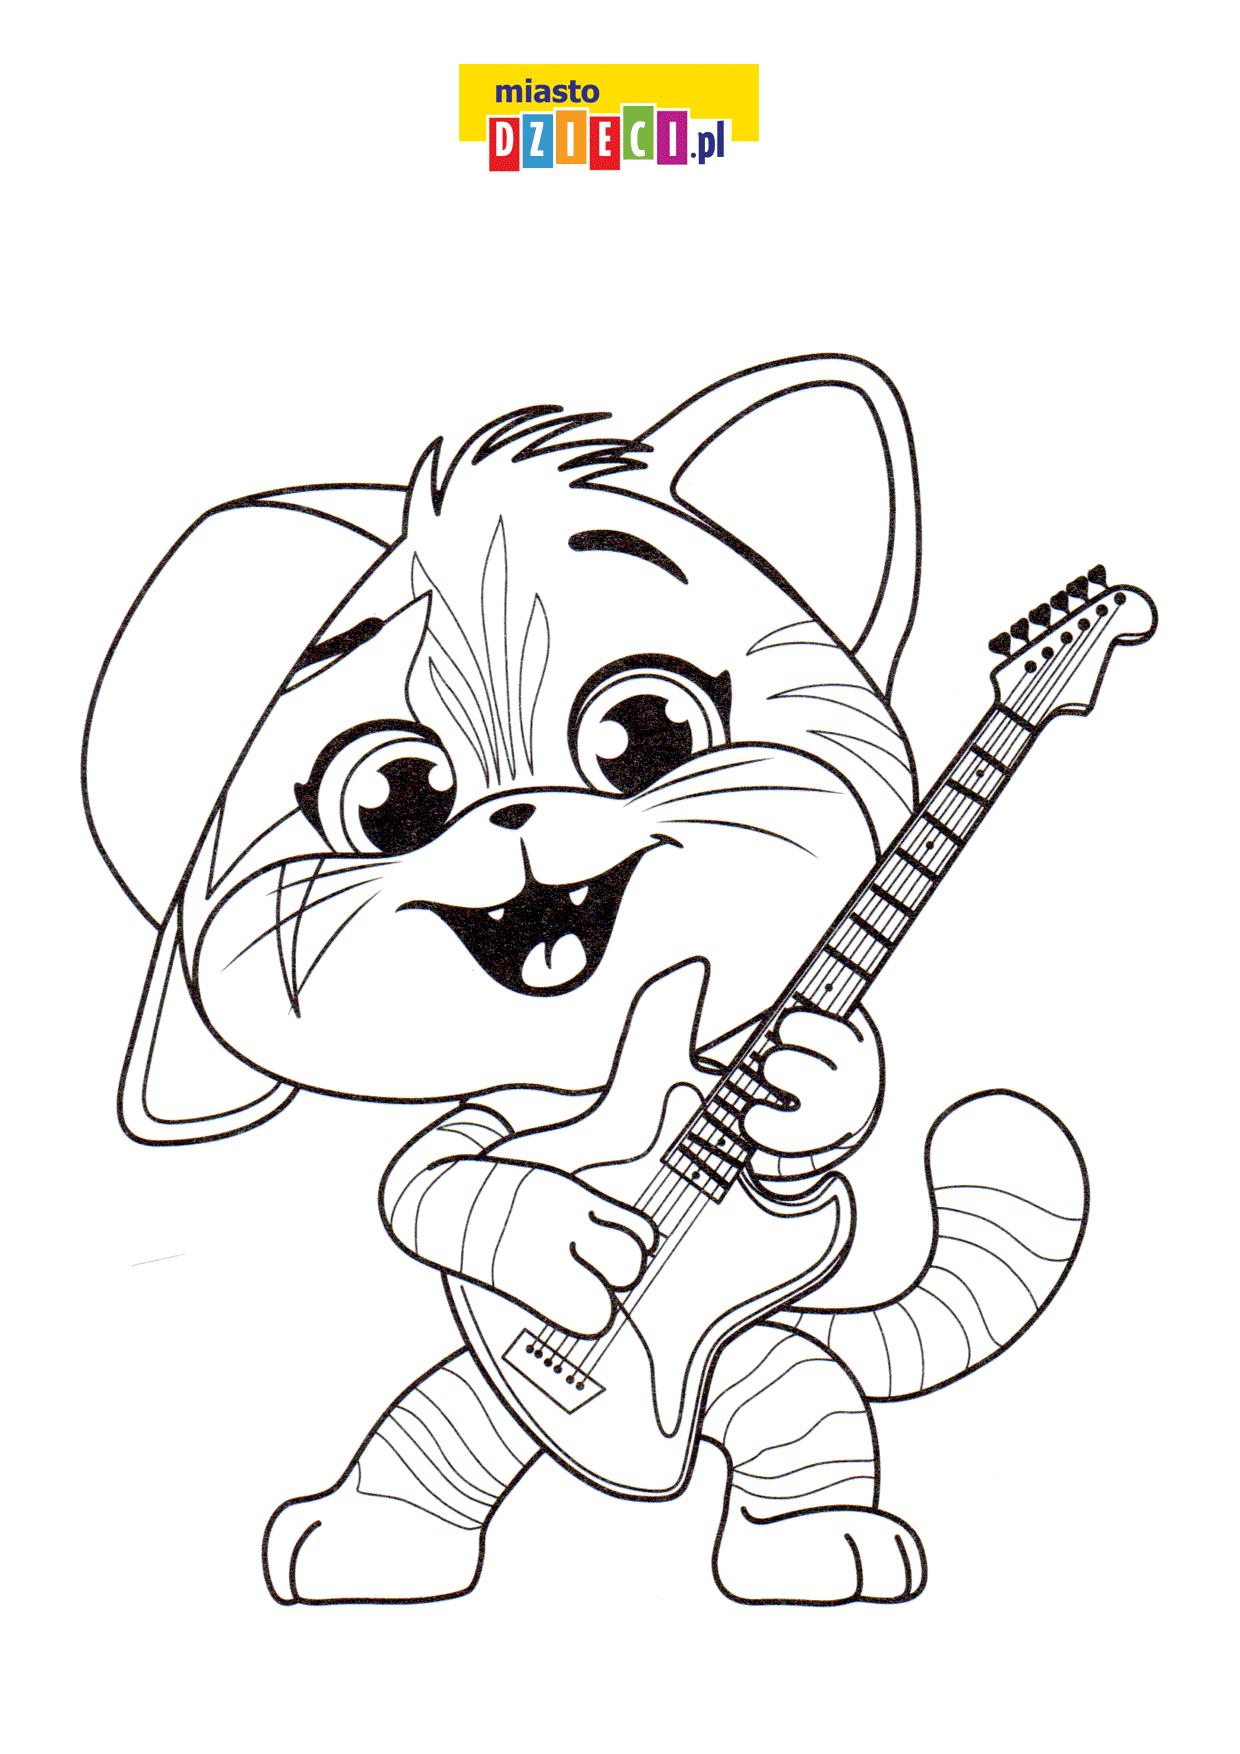 kotek z gitarą, kolorowanka dla dzieci do druku. Malowanki online ze zwierzętami